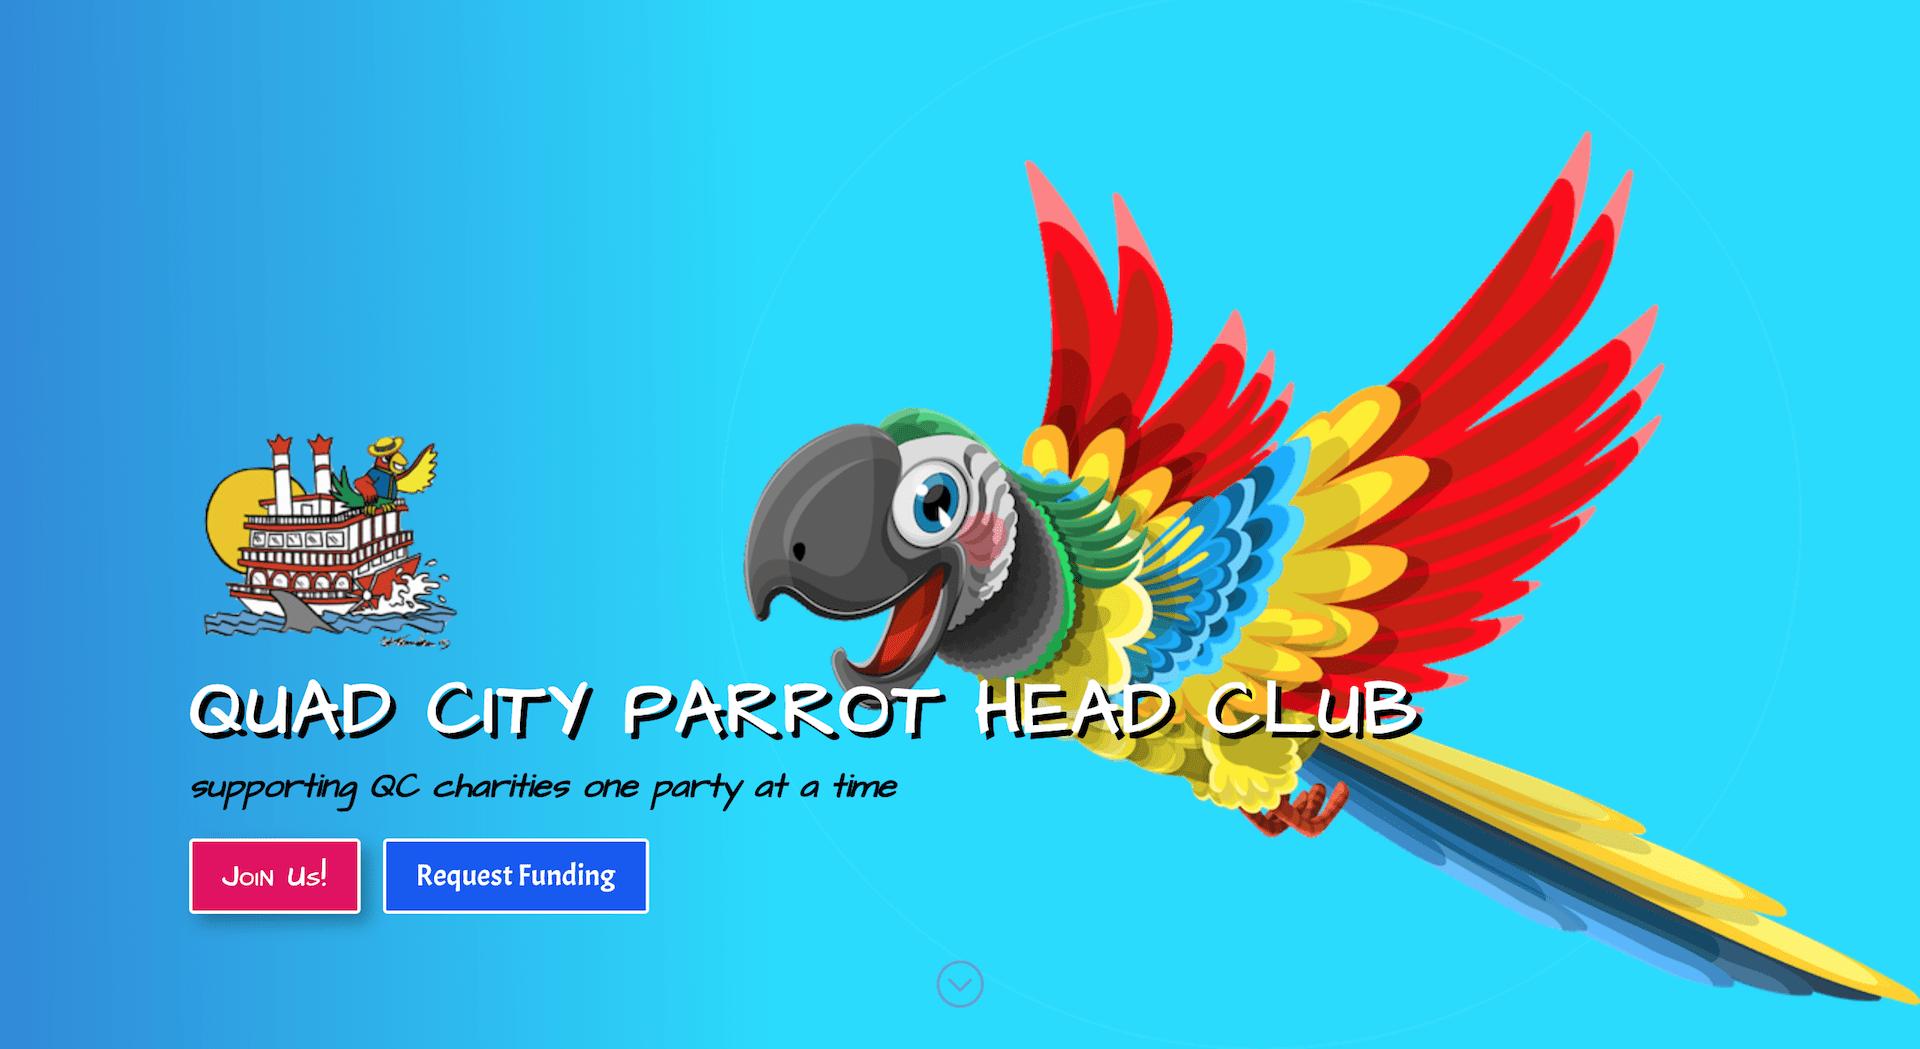 Quad City Parrot Head Club